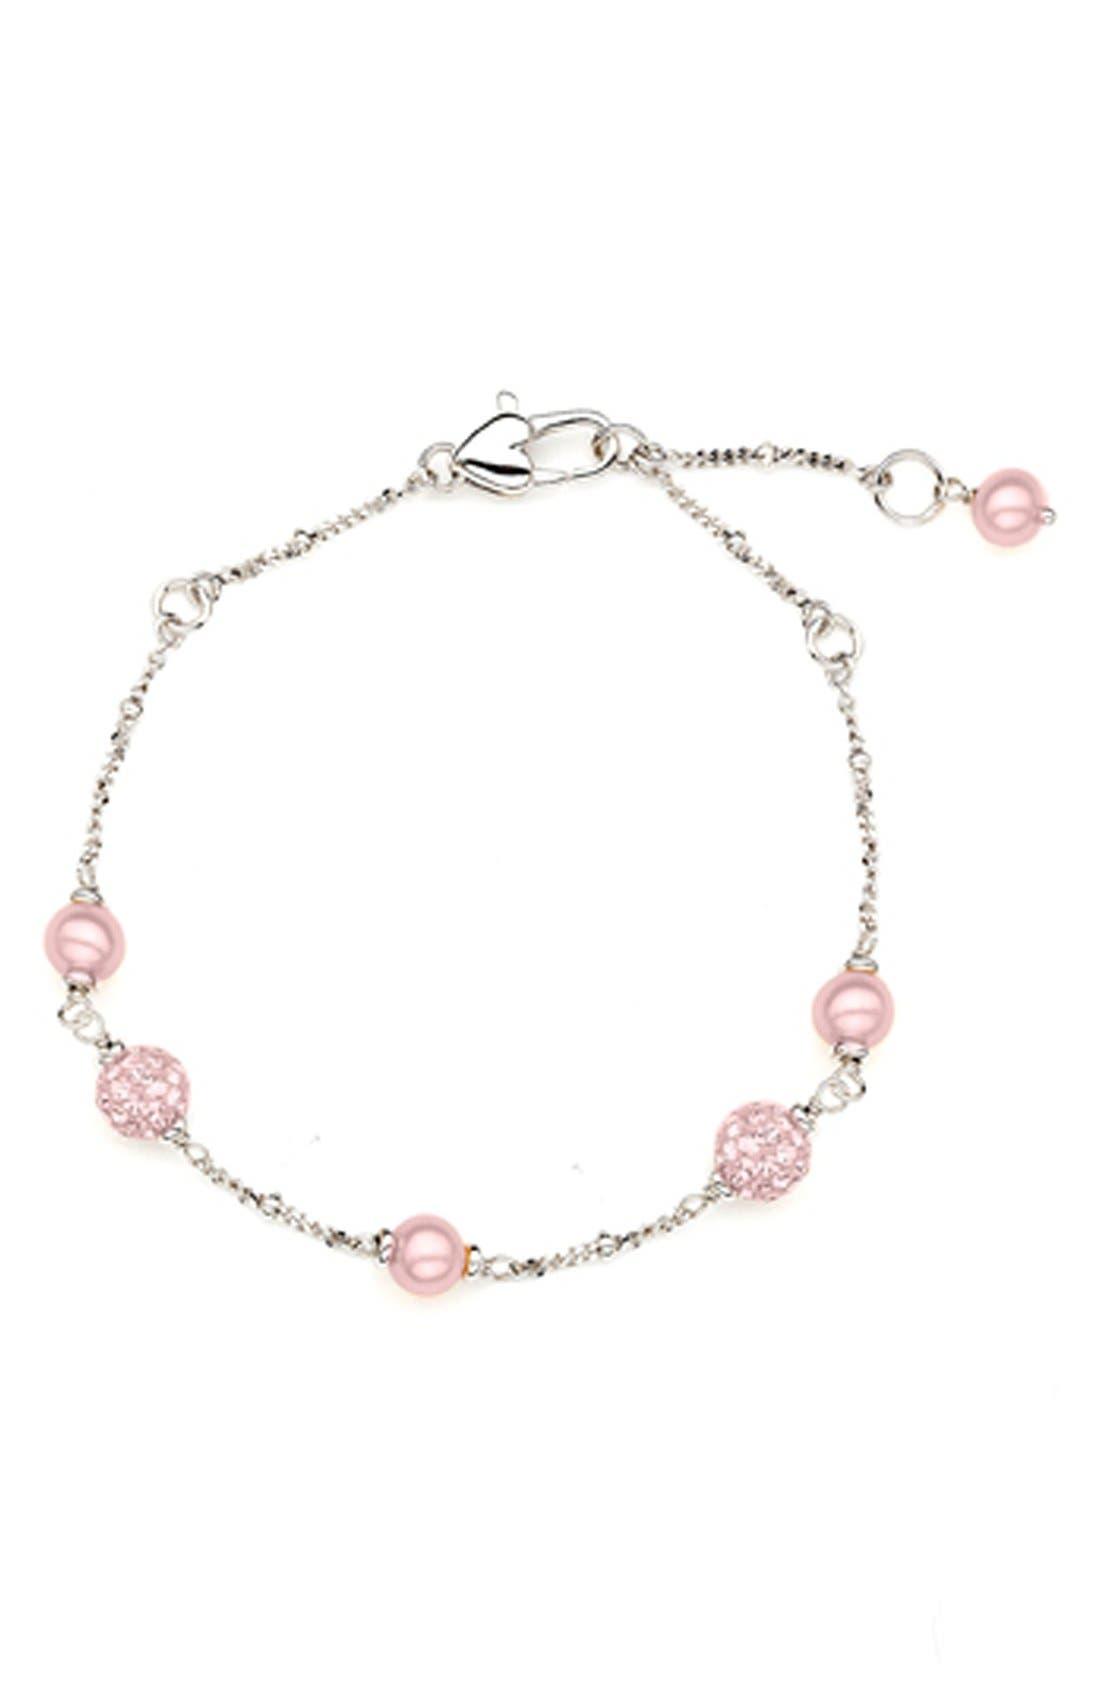 Crystal & Freshwater Pearl Station Bracelet,                         Main,                         color, Pink